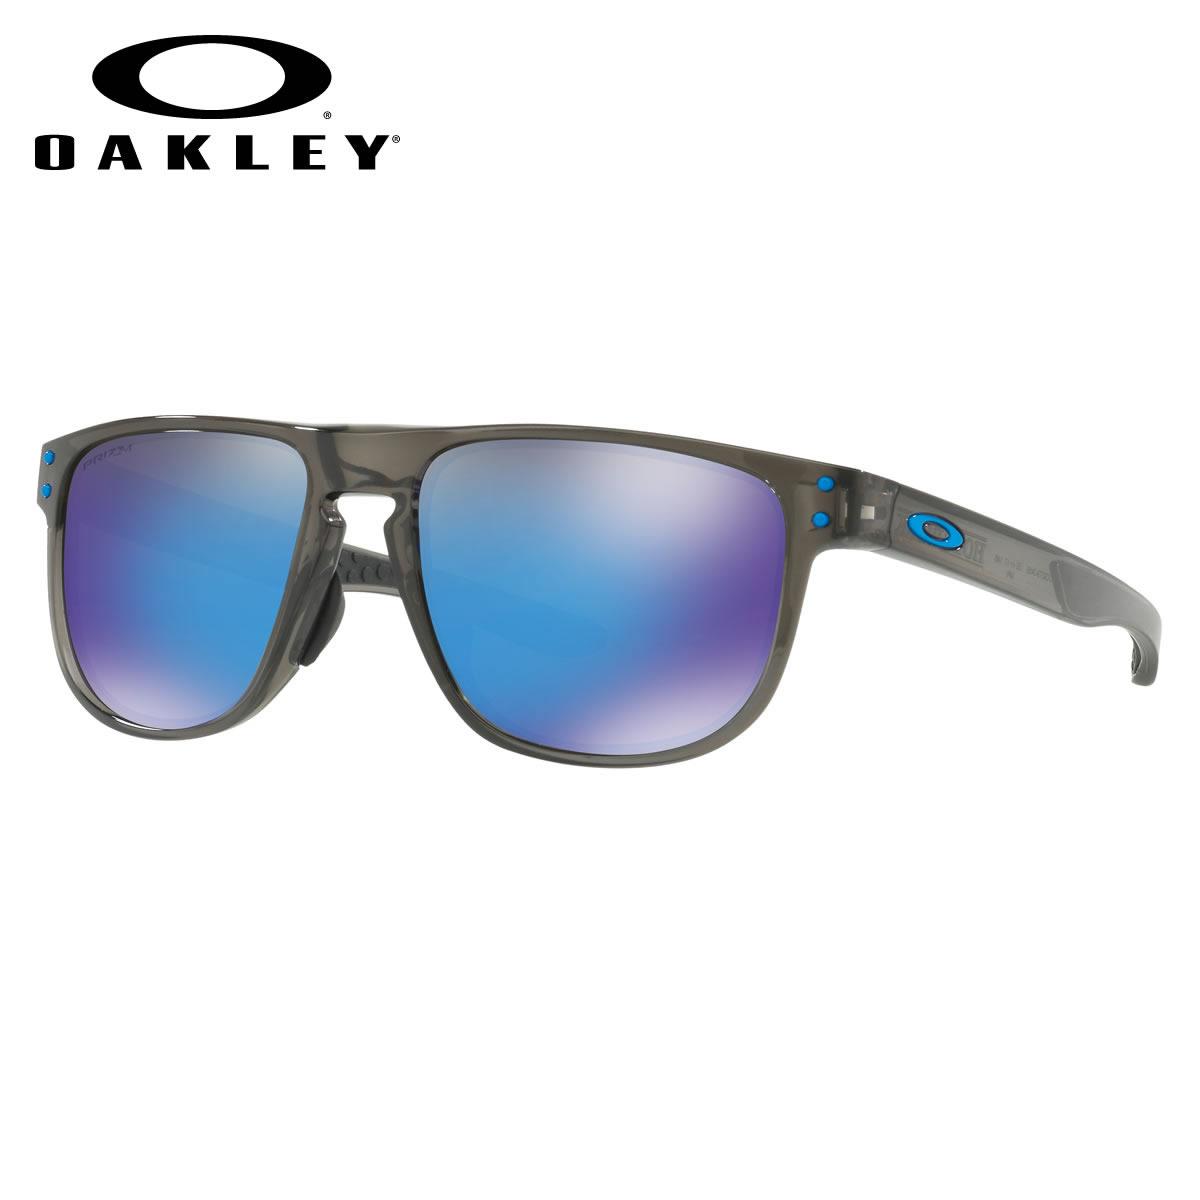 オークリー OAKLEY サングラス OO9379-04 HOLBROOK R ホルブルック アール Gray Smoke / Prizm Sapphire アジアフィット Asia Fit アジアンフィット オークリー OAKLEY メンズ レディース